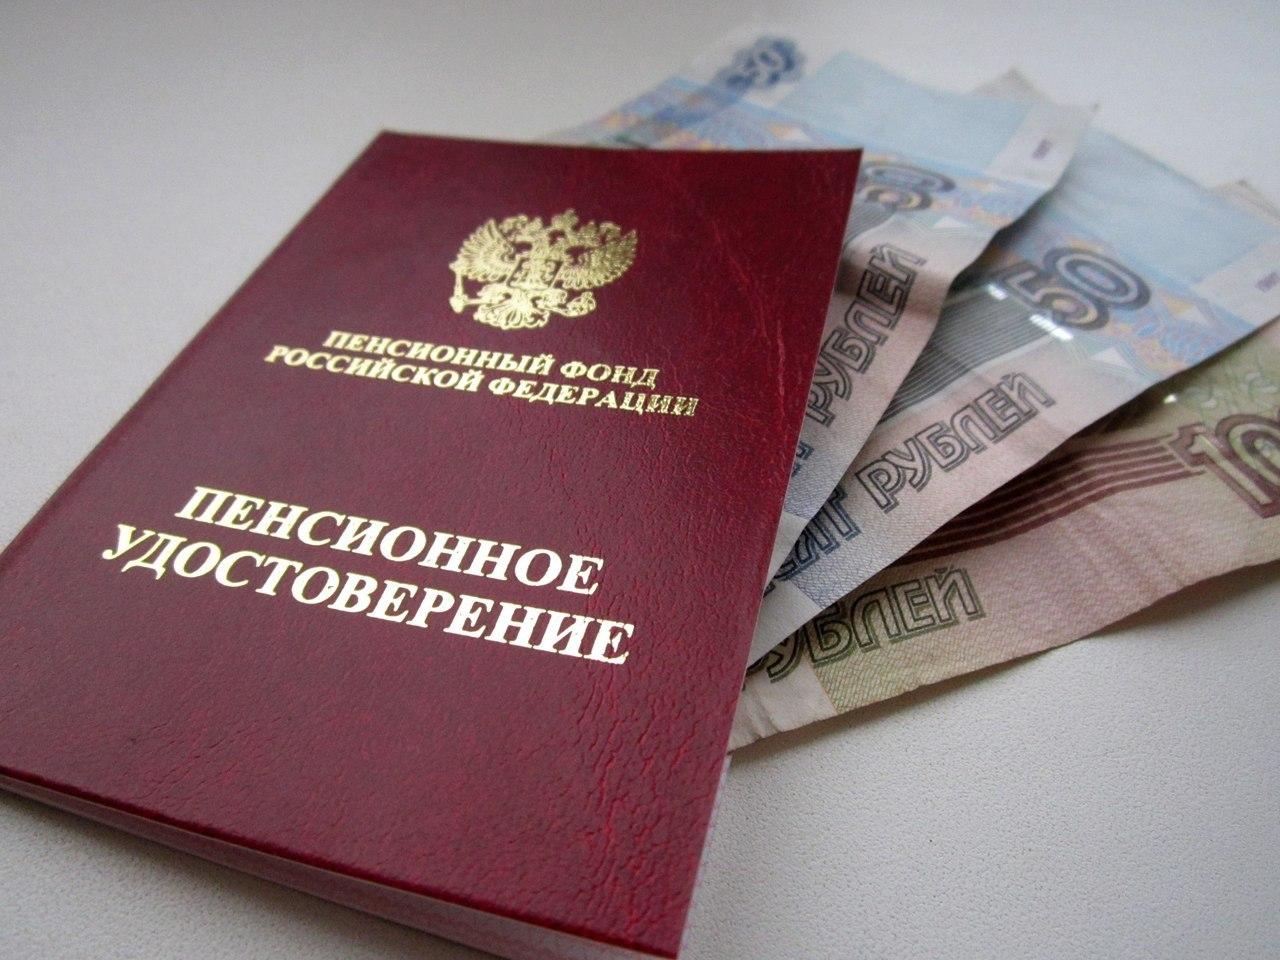 В России работающим пенсионерам увеличат пенсию